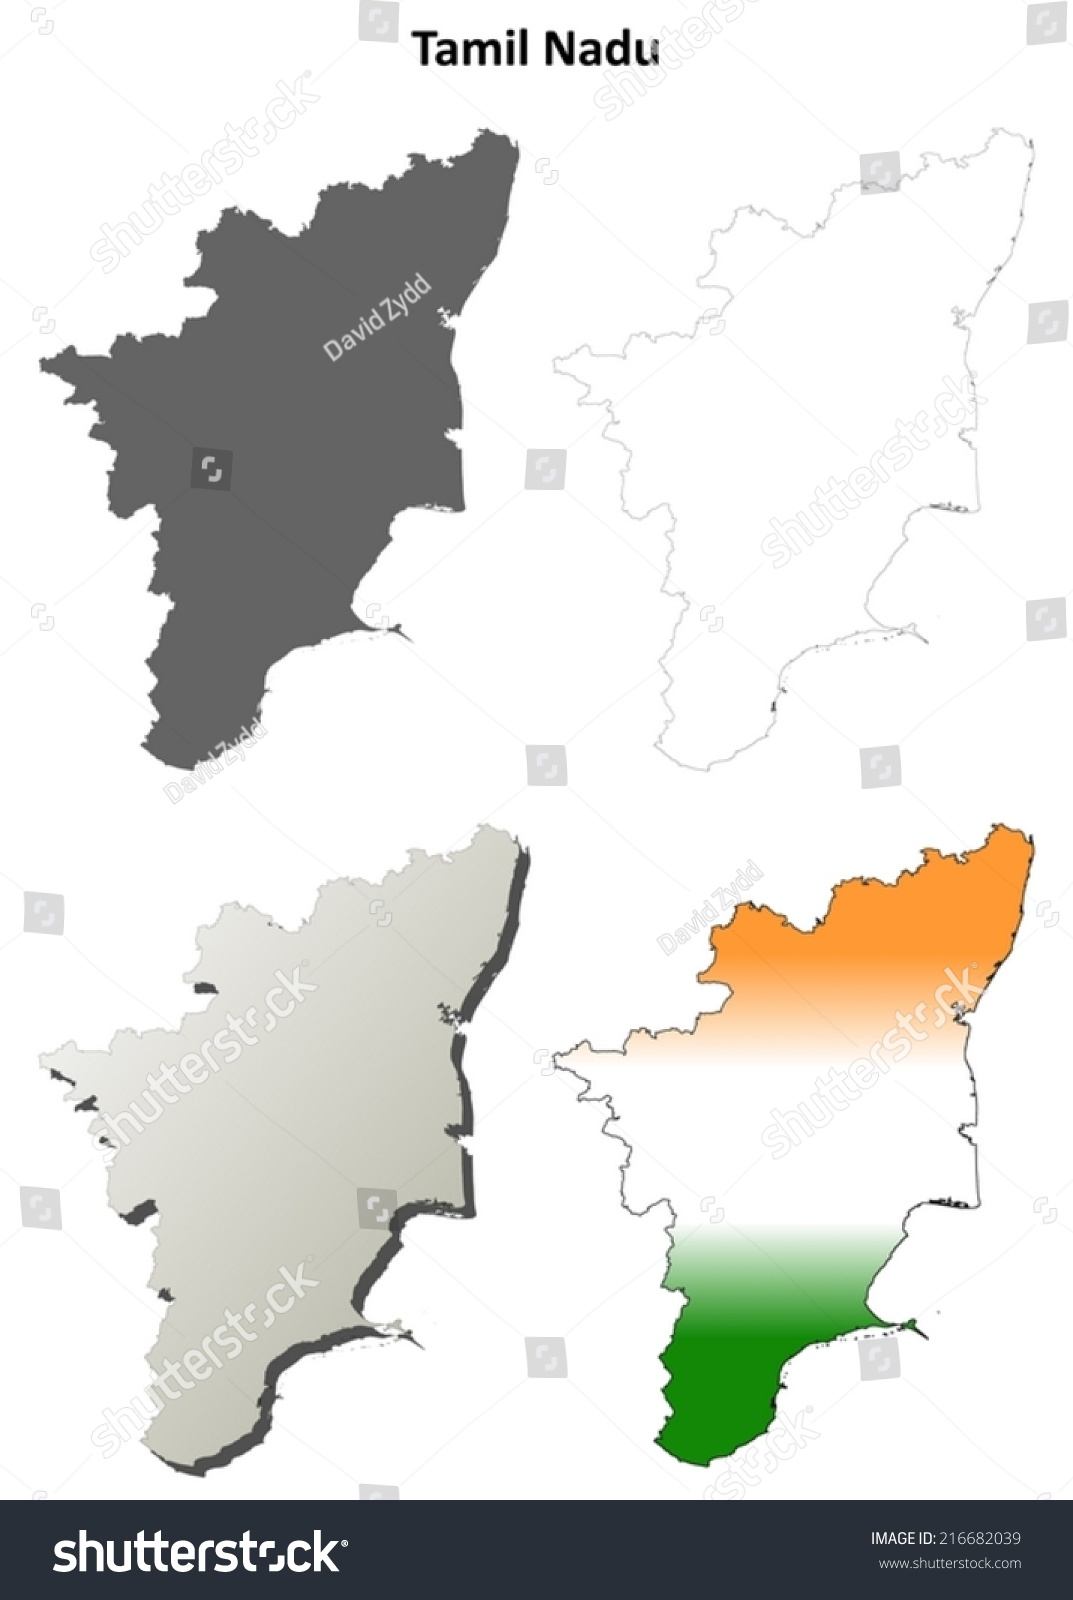 Tamil Nadu Blank Detailed Outline Map Set - Vector Version - 216682039 ...